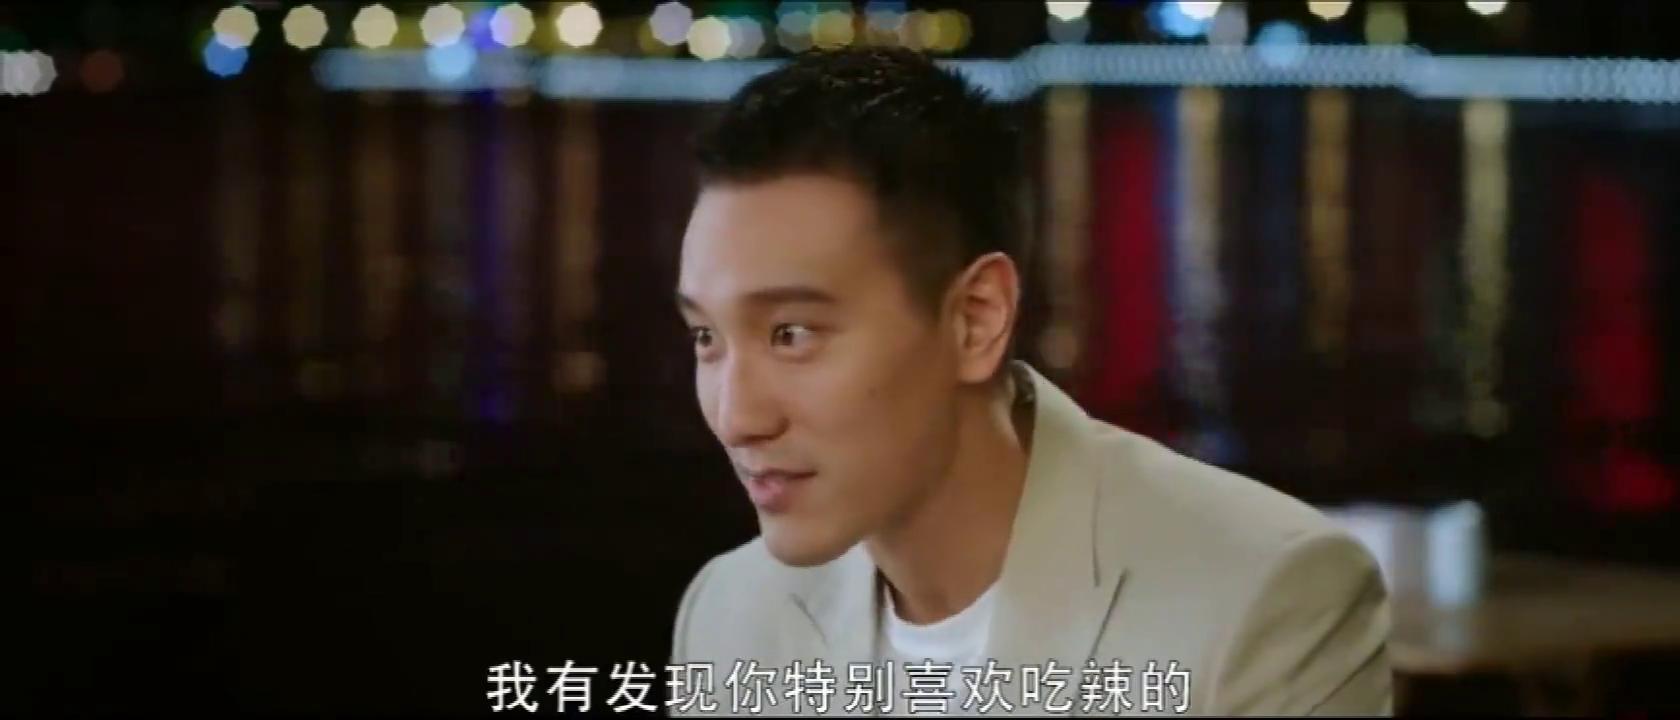 张孝阳和林星然一起吃大排档,亲自剥小龙虾给林星然吃,画面好美